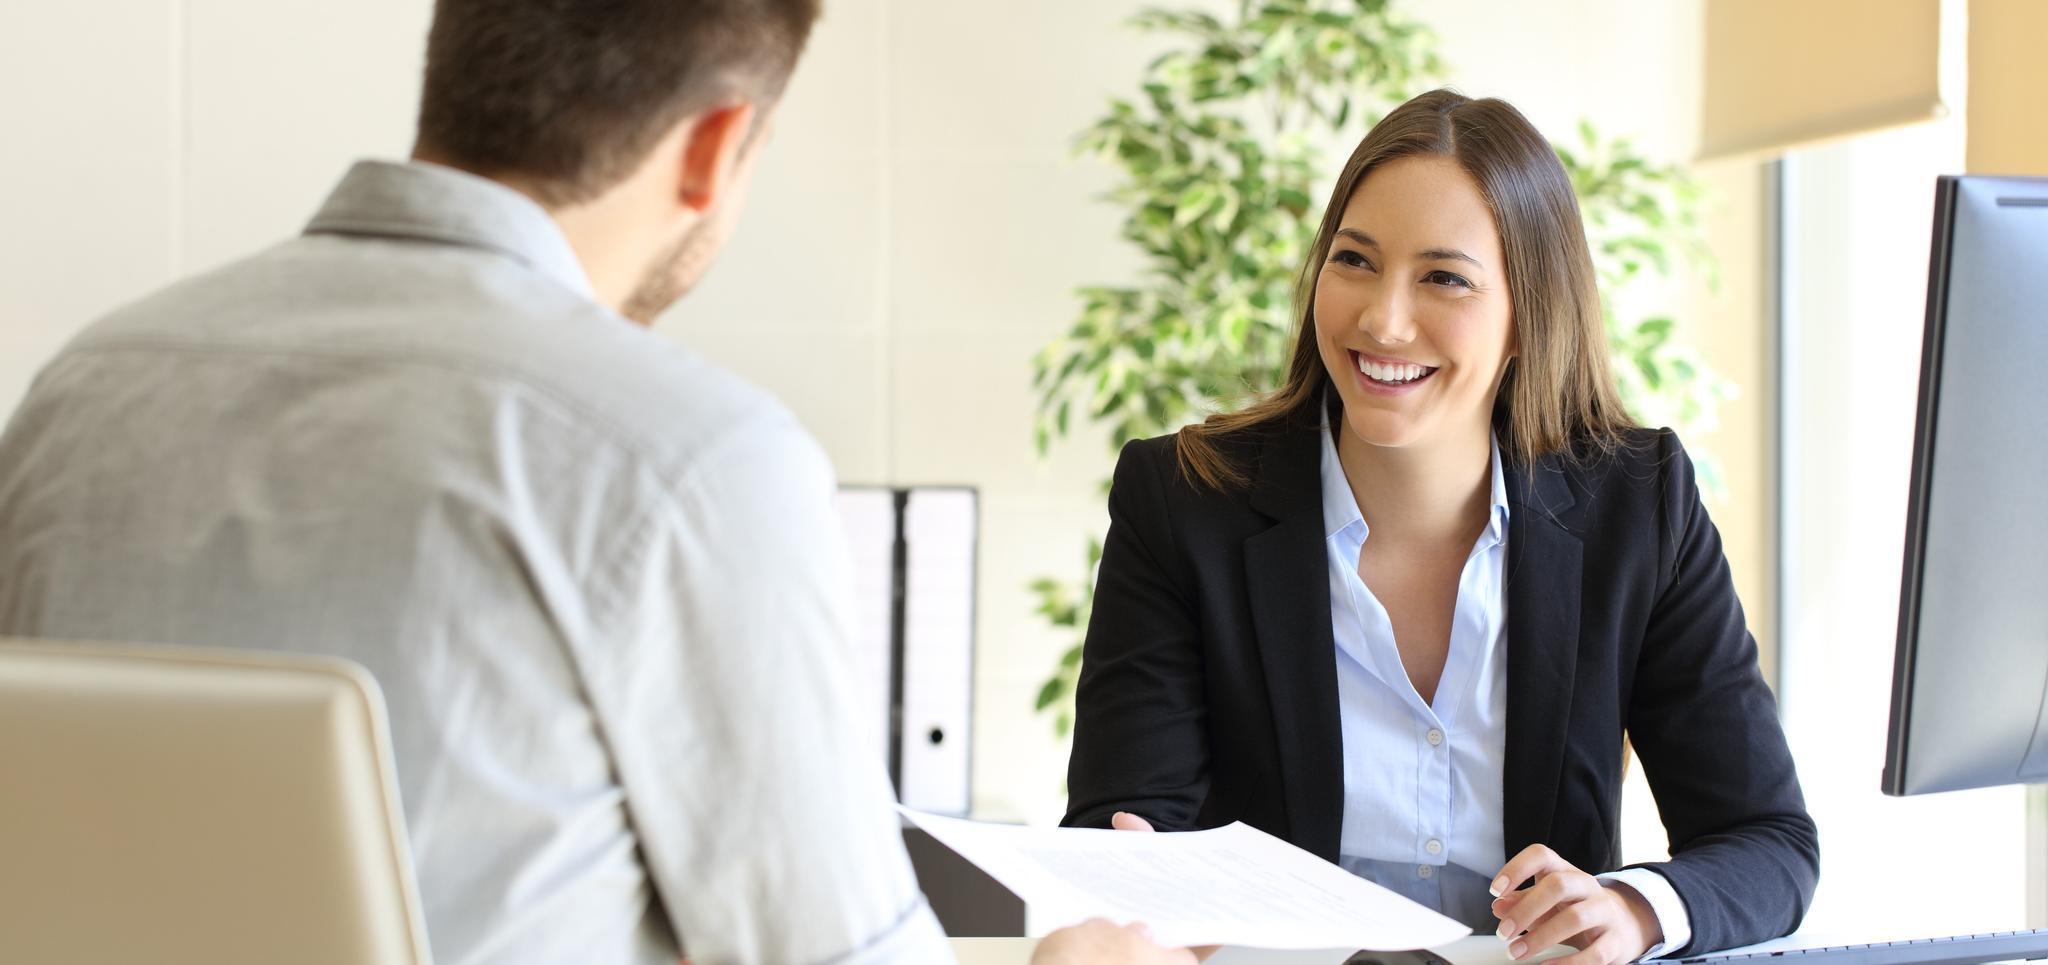 Lächelnde Frau am Schreibtisch im Gespräch mit einem Mann